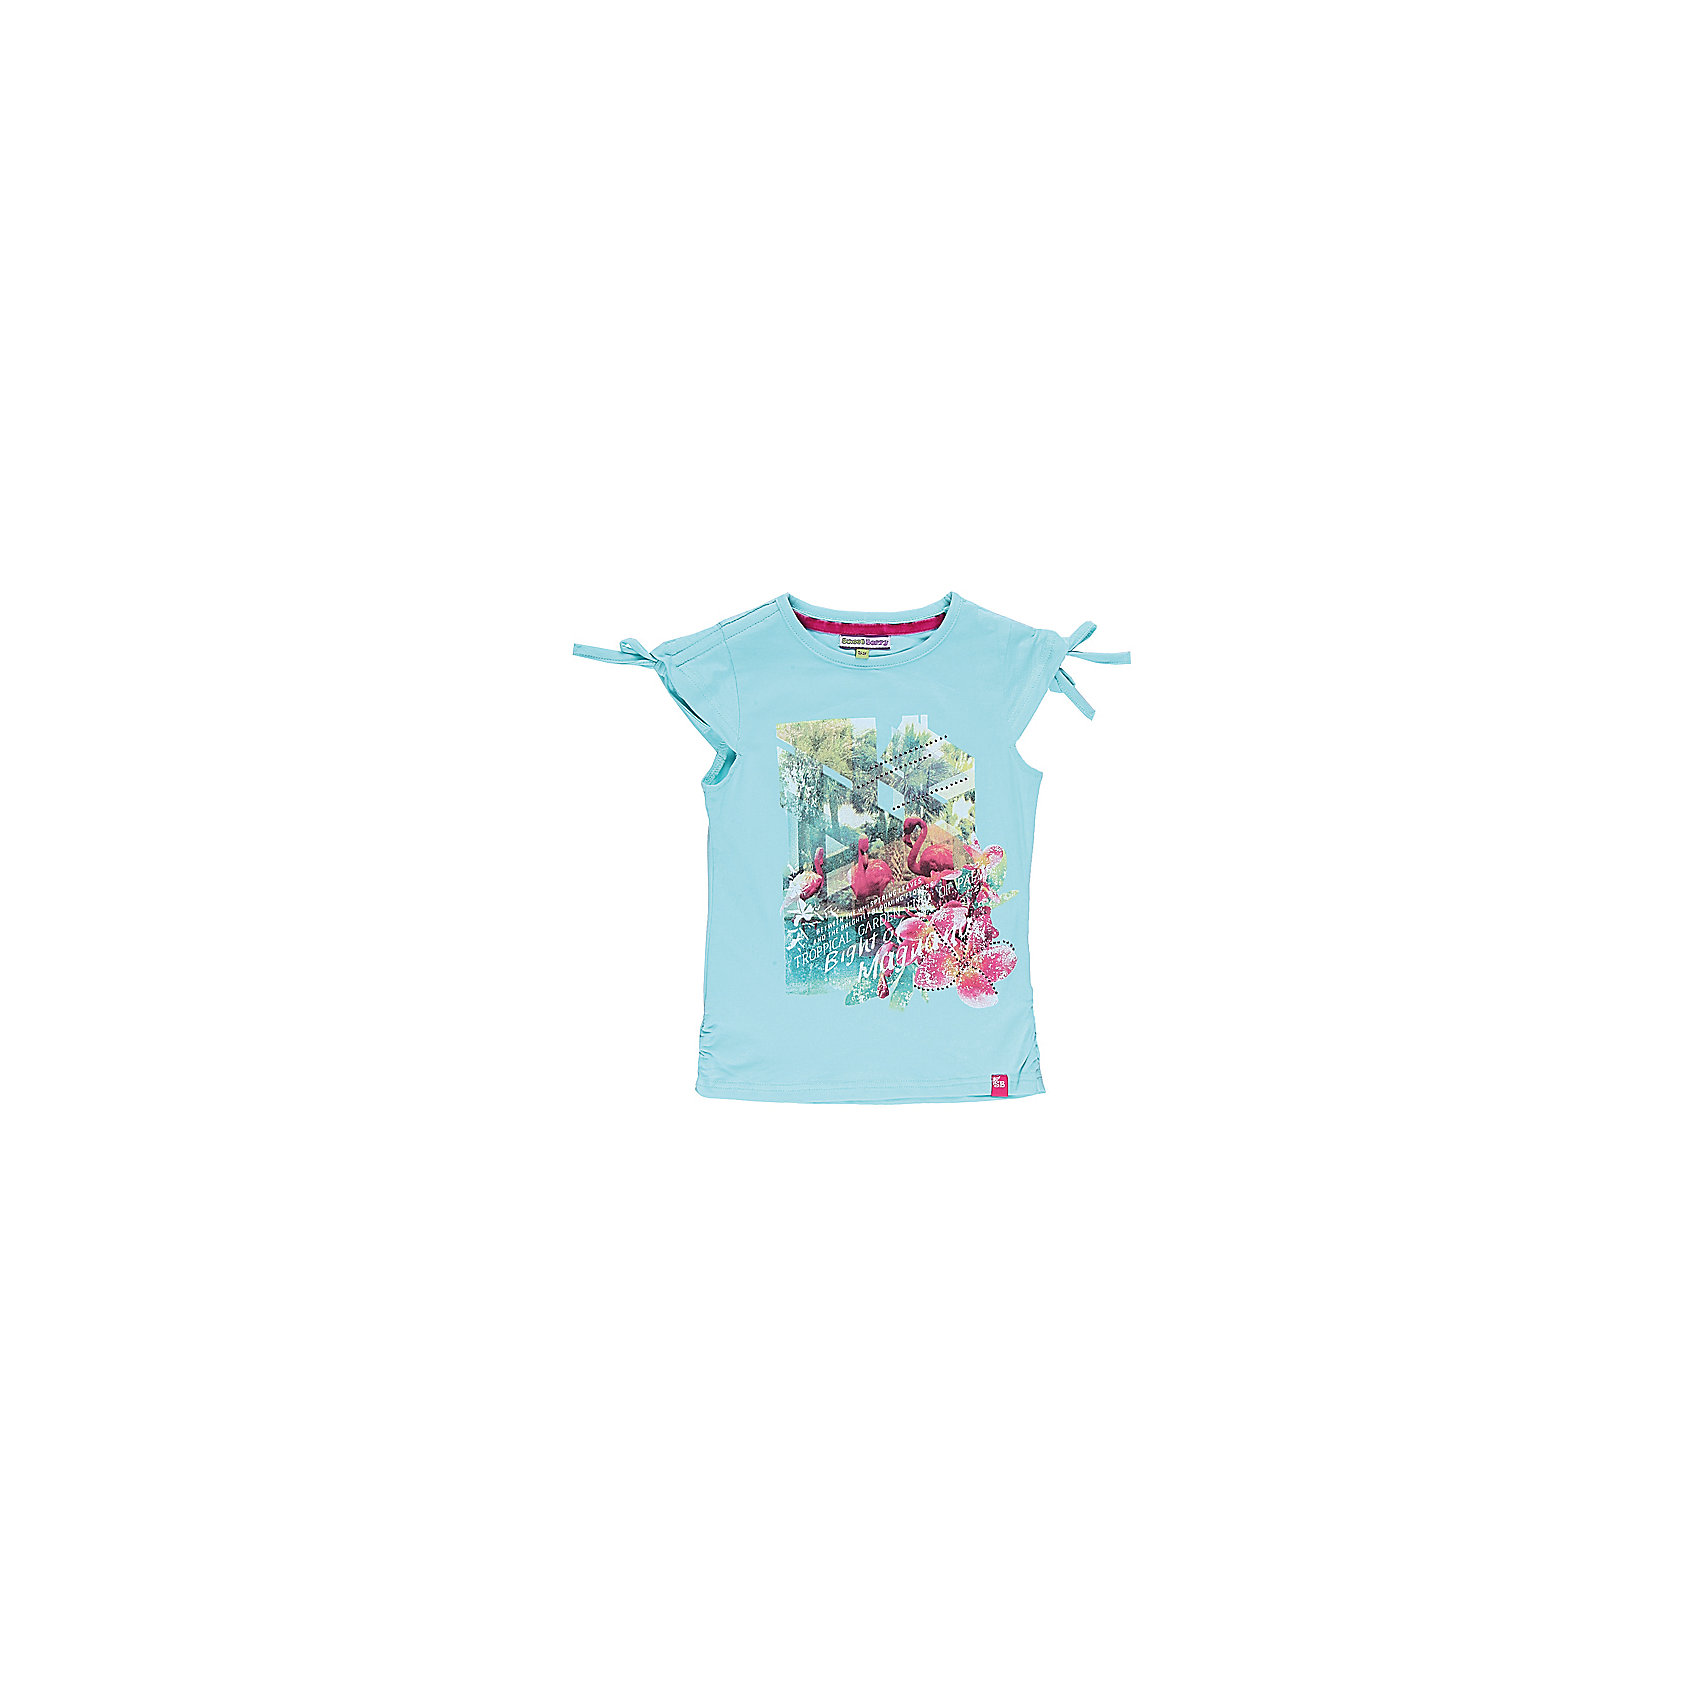 Футболка для девочки Sweet BerryТрикотажная футболка. Кулиска по плечам. Длина плеча, регулируется шнурками. Декорирована принтом со стразами.<br>Состав:<br>95% хлопок, 5% эластан<br><br>Ширина мм: 199<br>Глубина мм: 10<br>Высота мм: 161<br>Вес г: 151<br>Цвет: голубой<br>Возраст от месяцев: 36<br>Возраст до месяцев: 48<br>Пол: Женский<br>Возраст: Детский<br>Размер: 104,116,128,110,122,98<br>SKU: 4521222